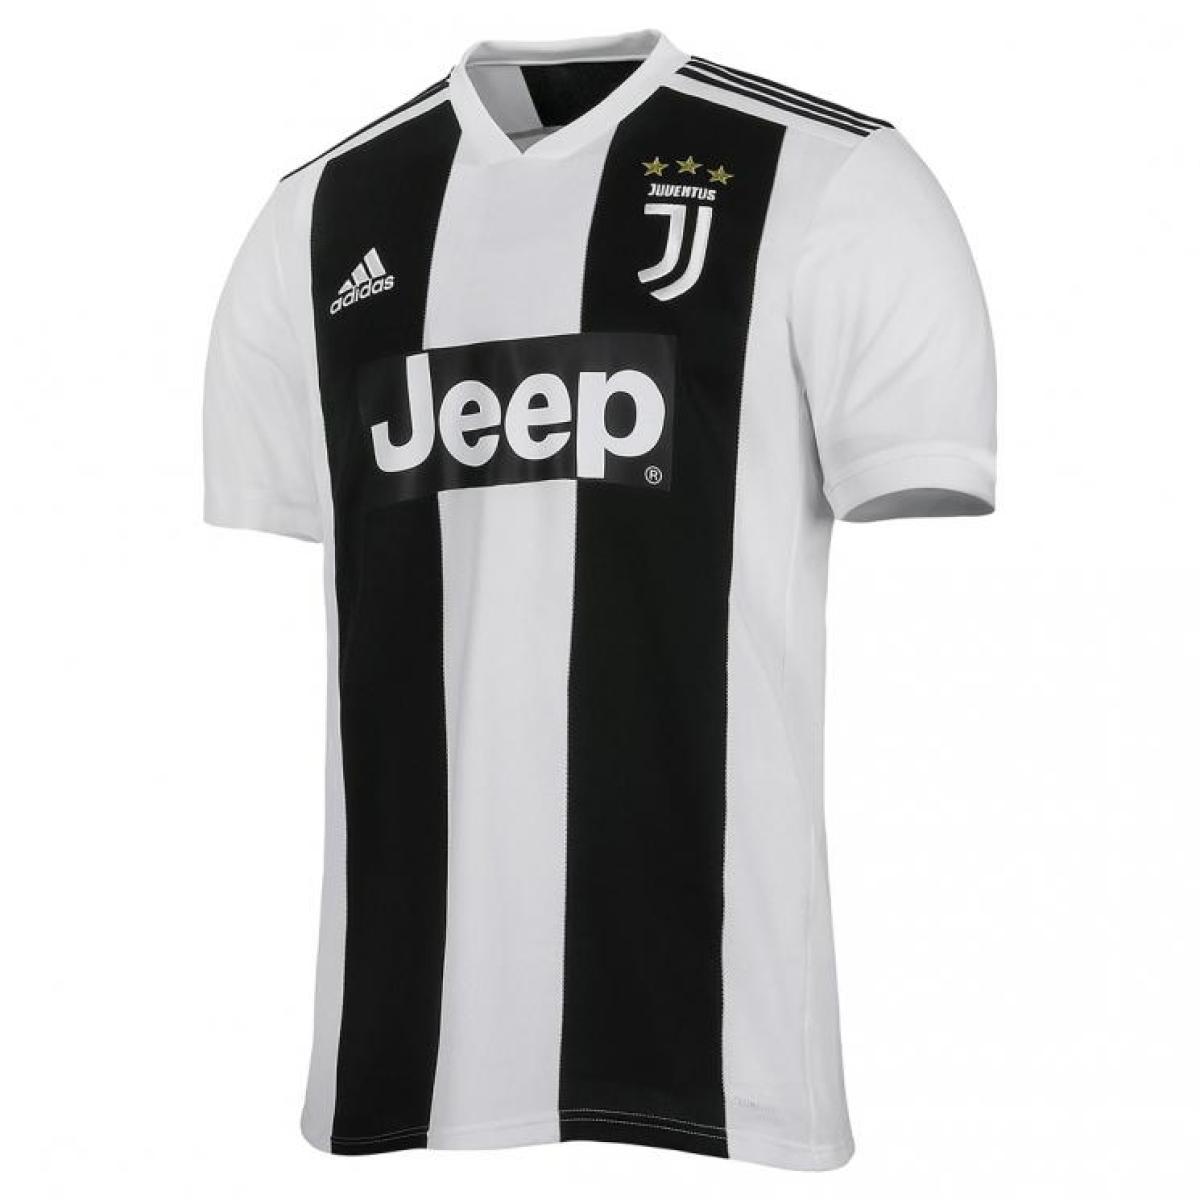 Juventus Maglia Gara Home Bambino 2019/20